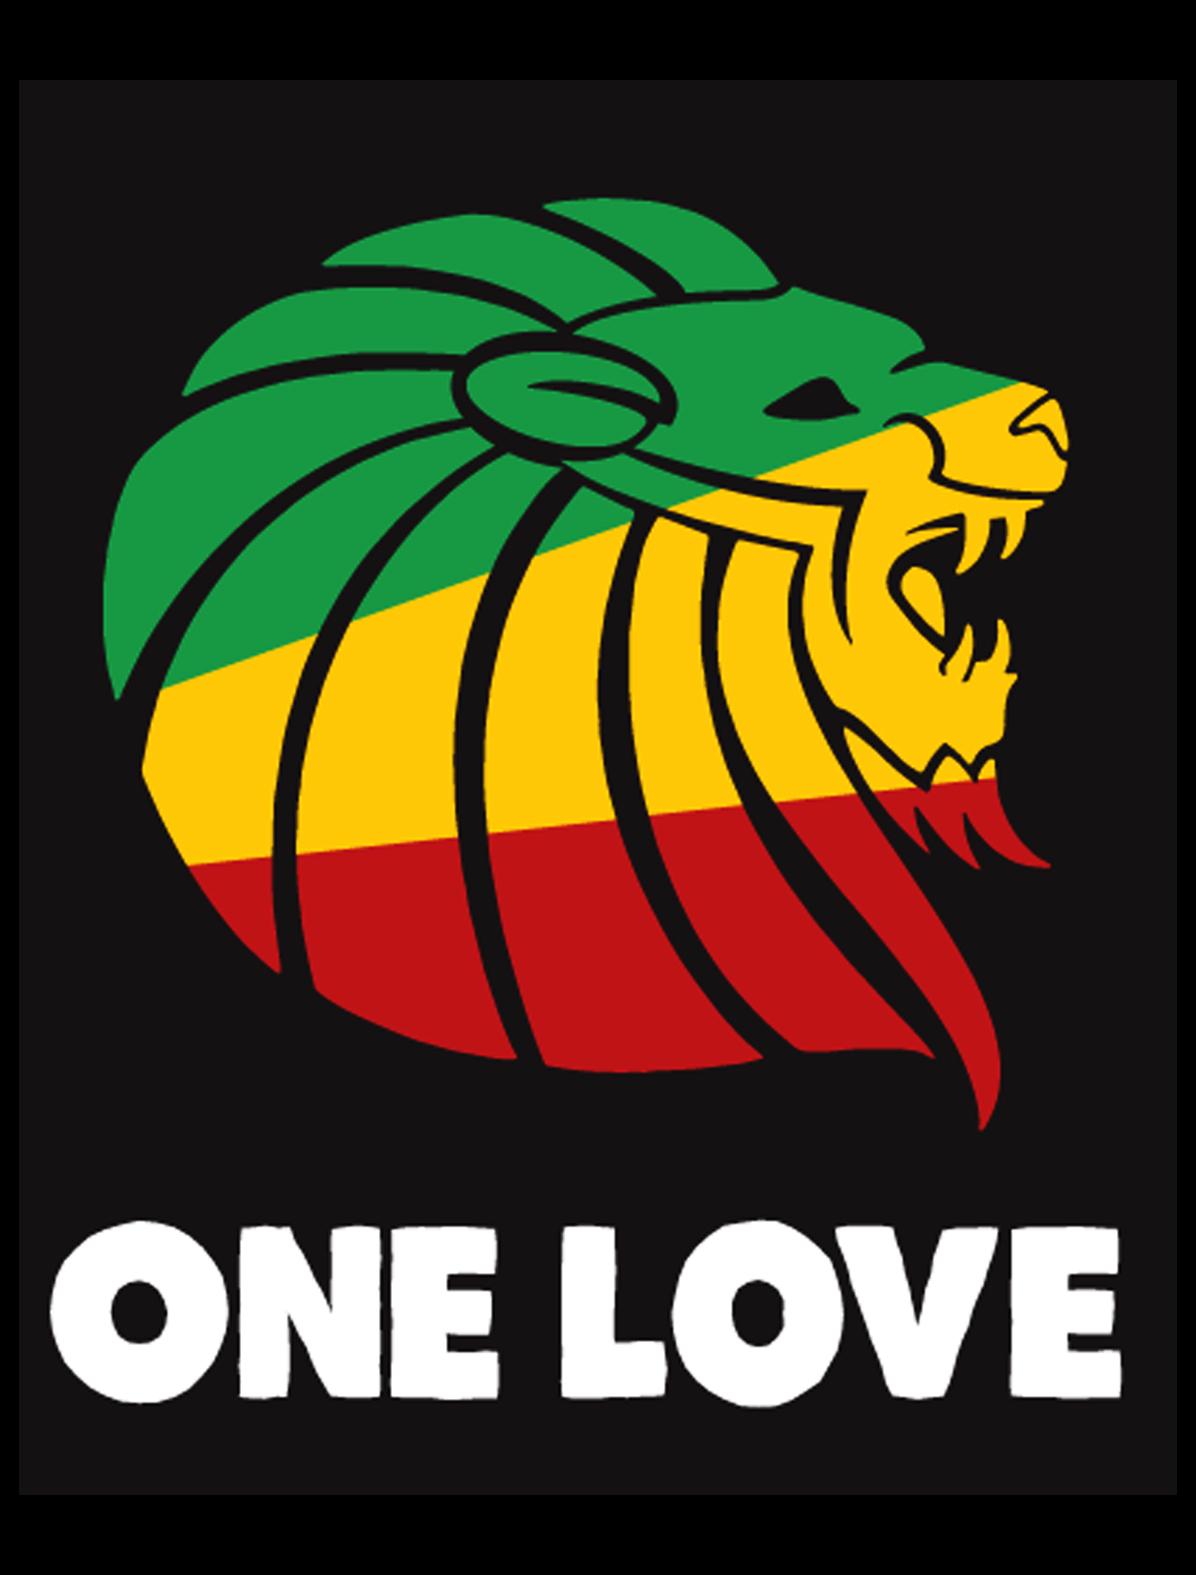 one love 7.jpg